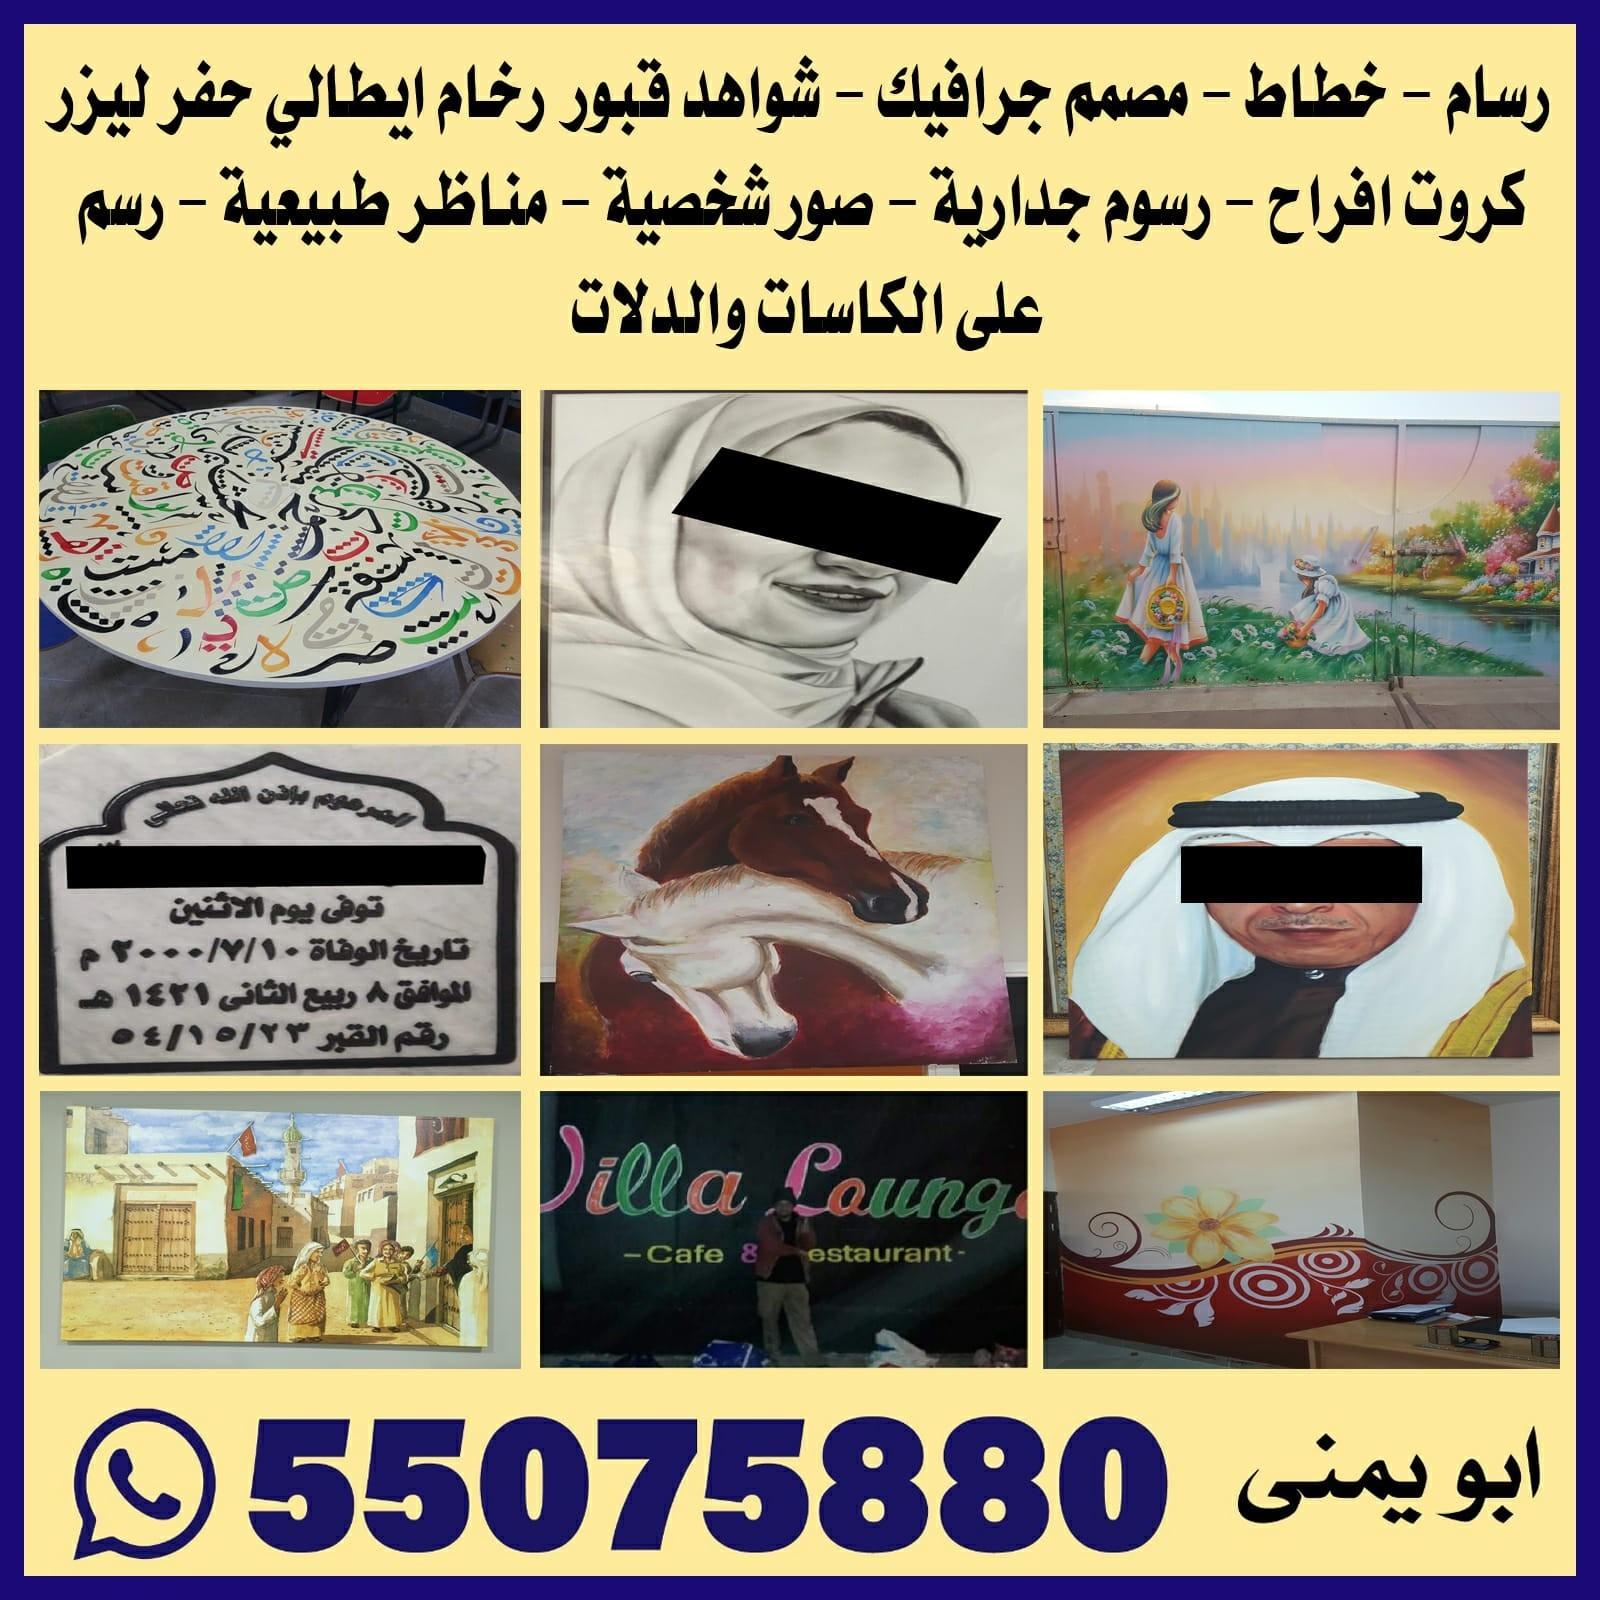 رسام خطاط  55075880